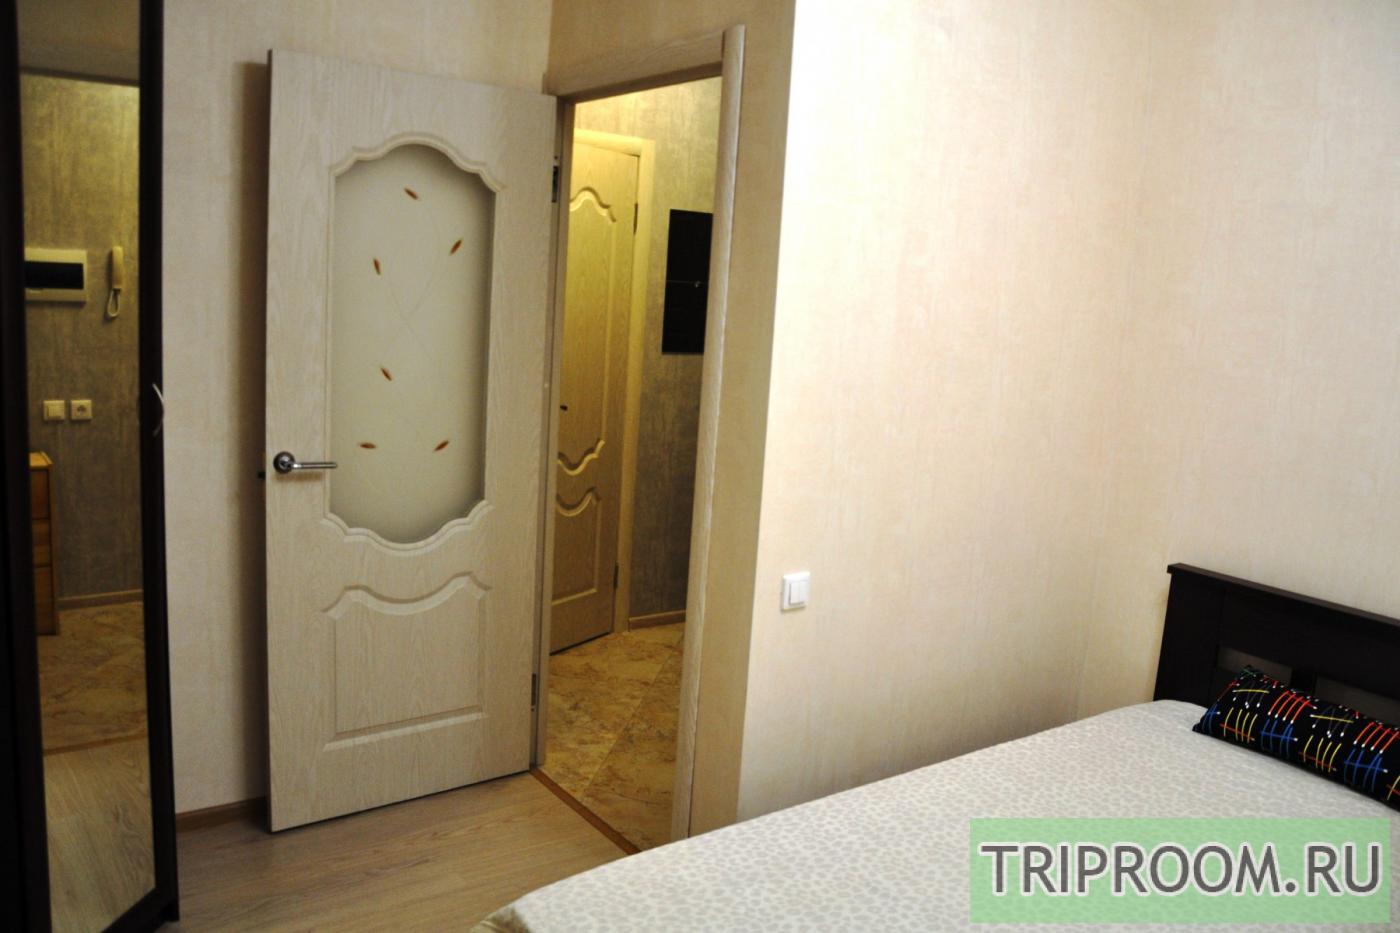 2-комнатная квартира посуточно (вариант № 22362), ул. Латышских Стрелков, фото № 3